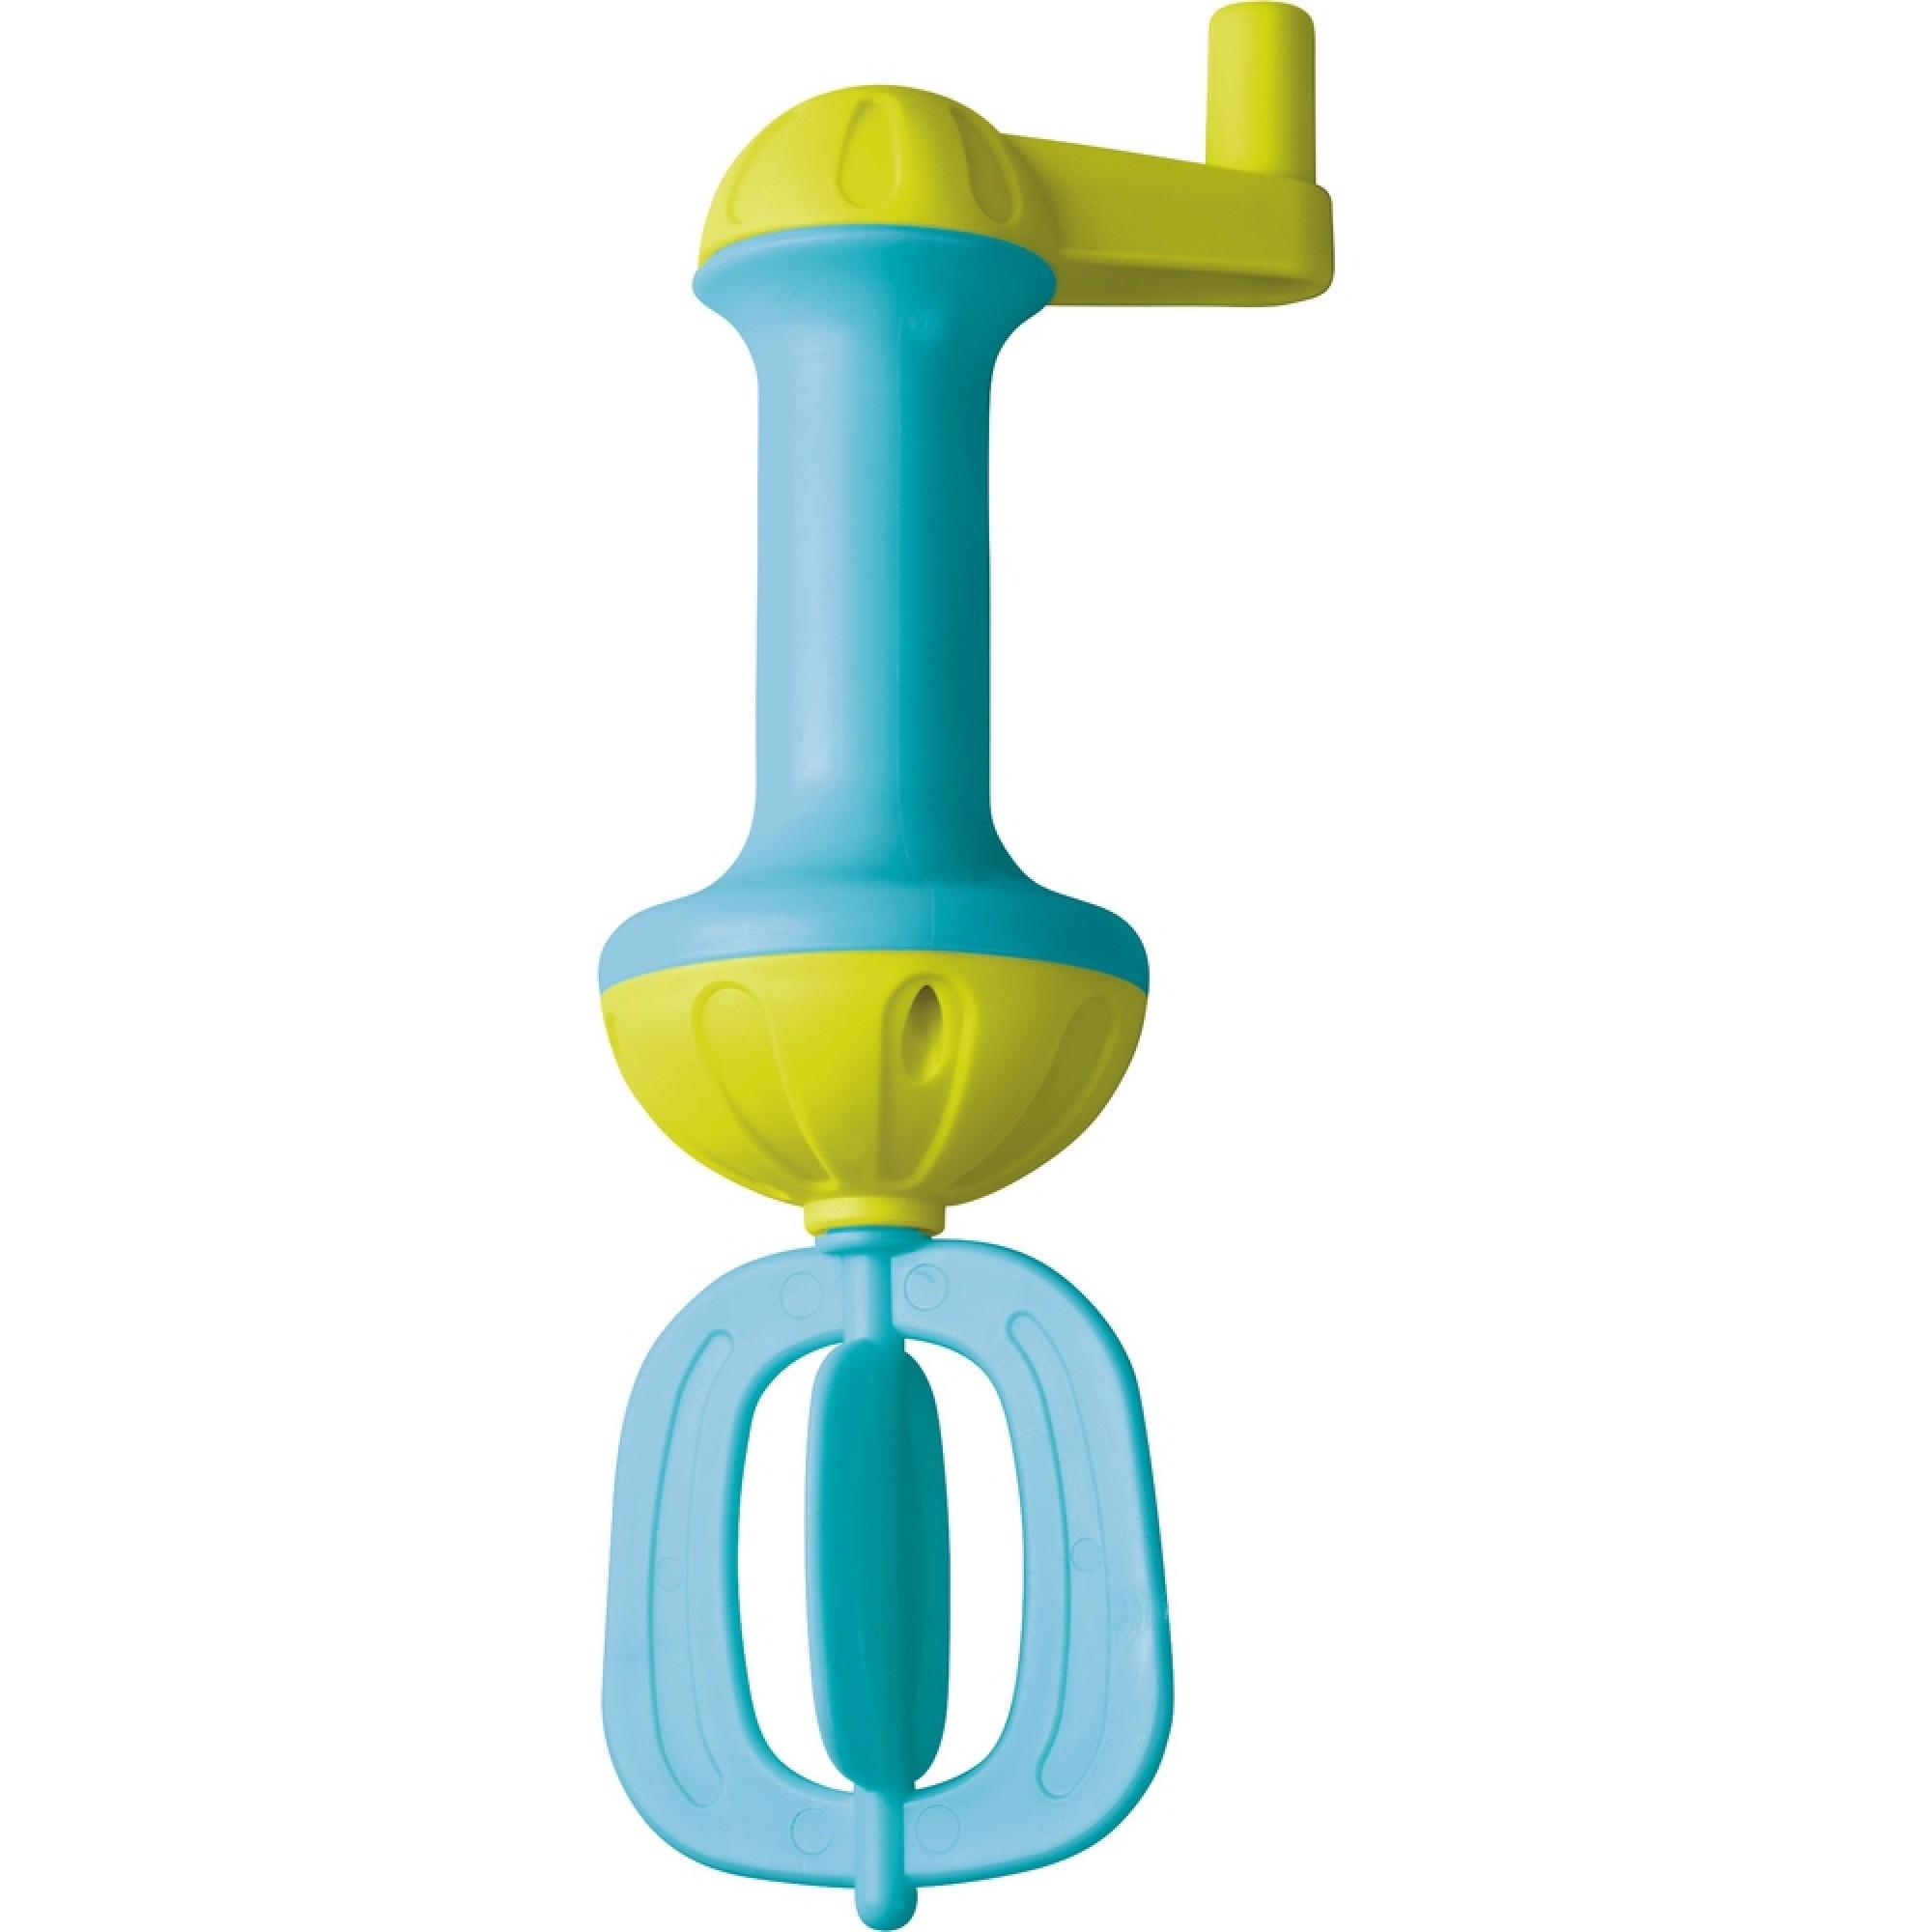 Mixer de jucarie pentru baie, Haba, albastru, 3ani+